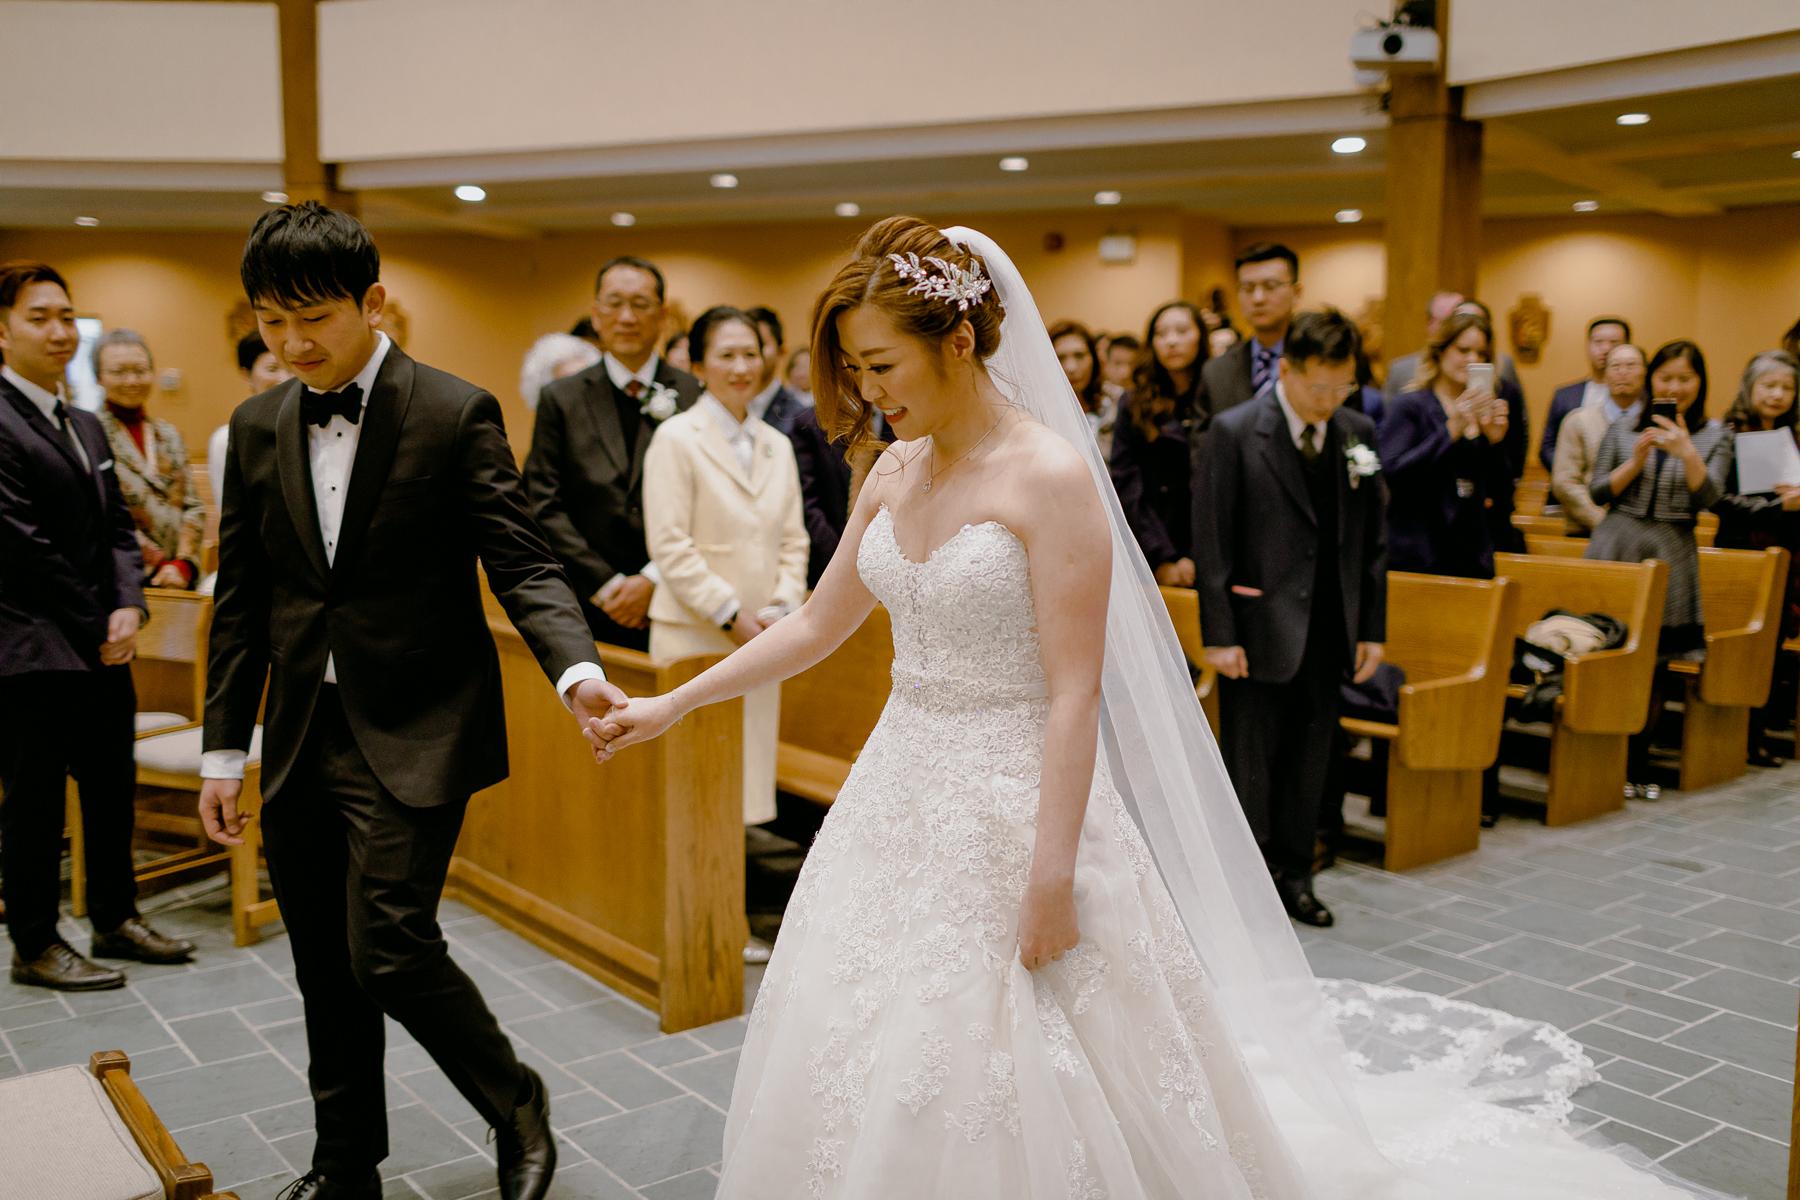 markham-wedding-photography-markham-museum-wedding 0035.jpg